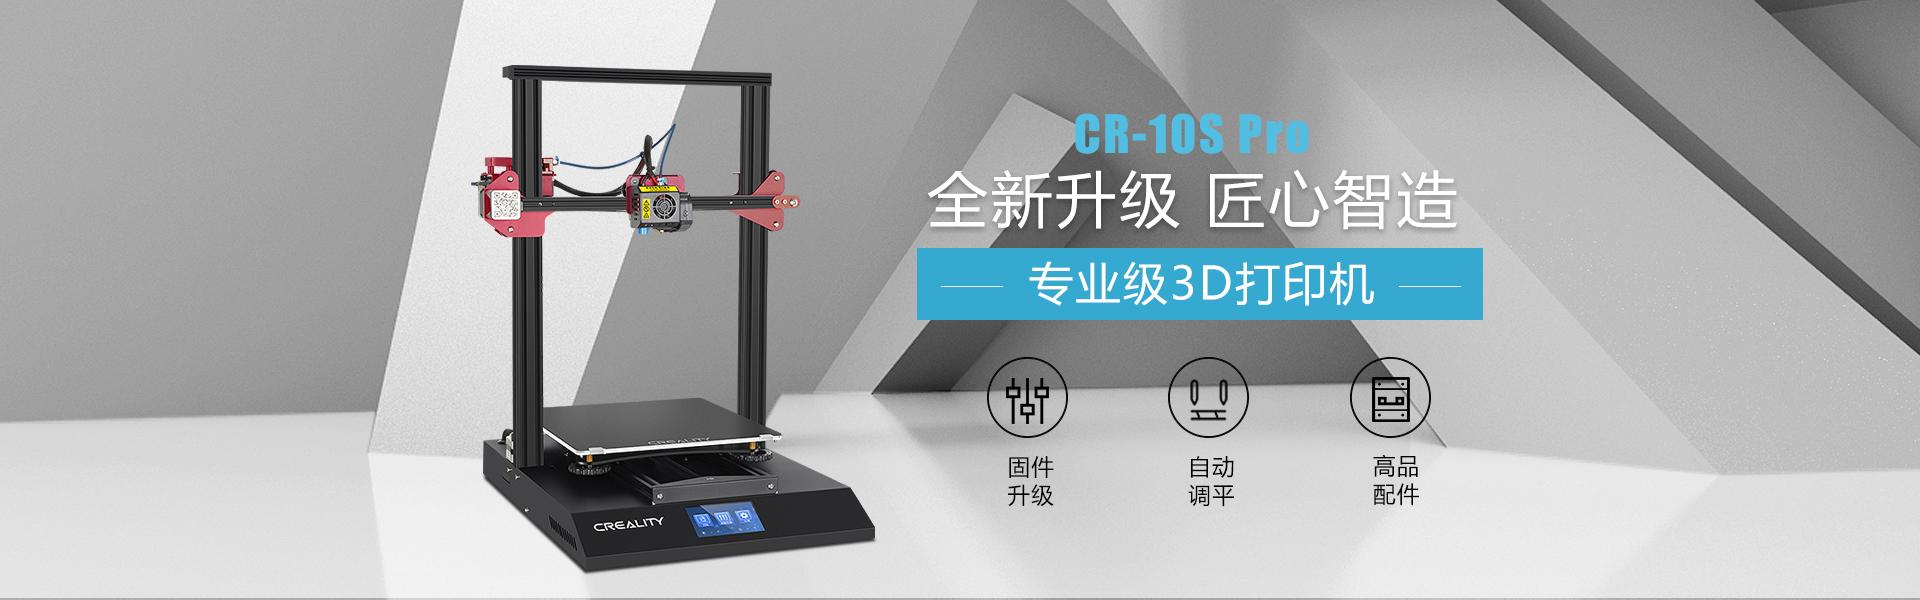 全新升级 CR-10S Pro 大尺寸 3D打印机